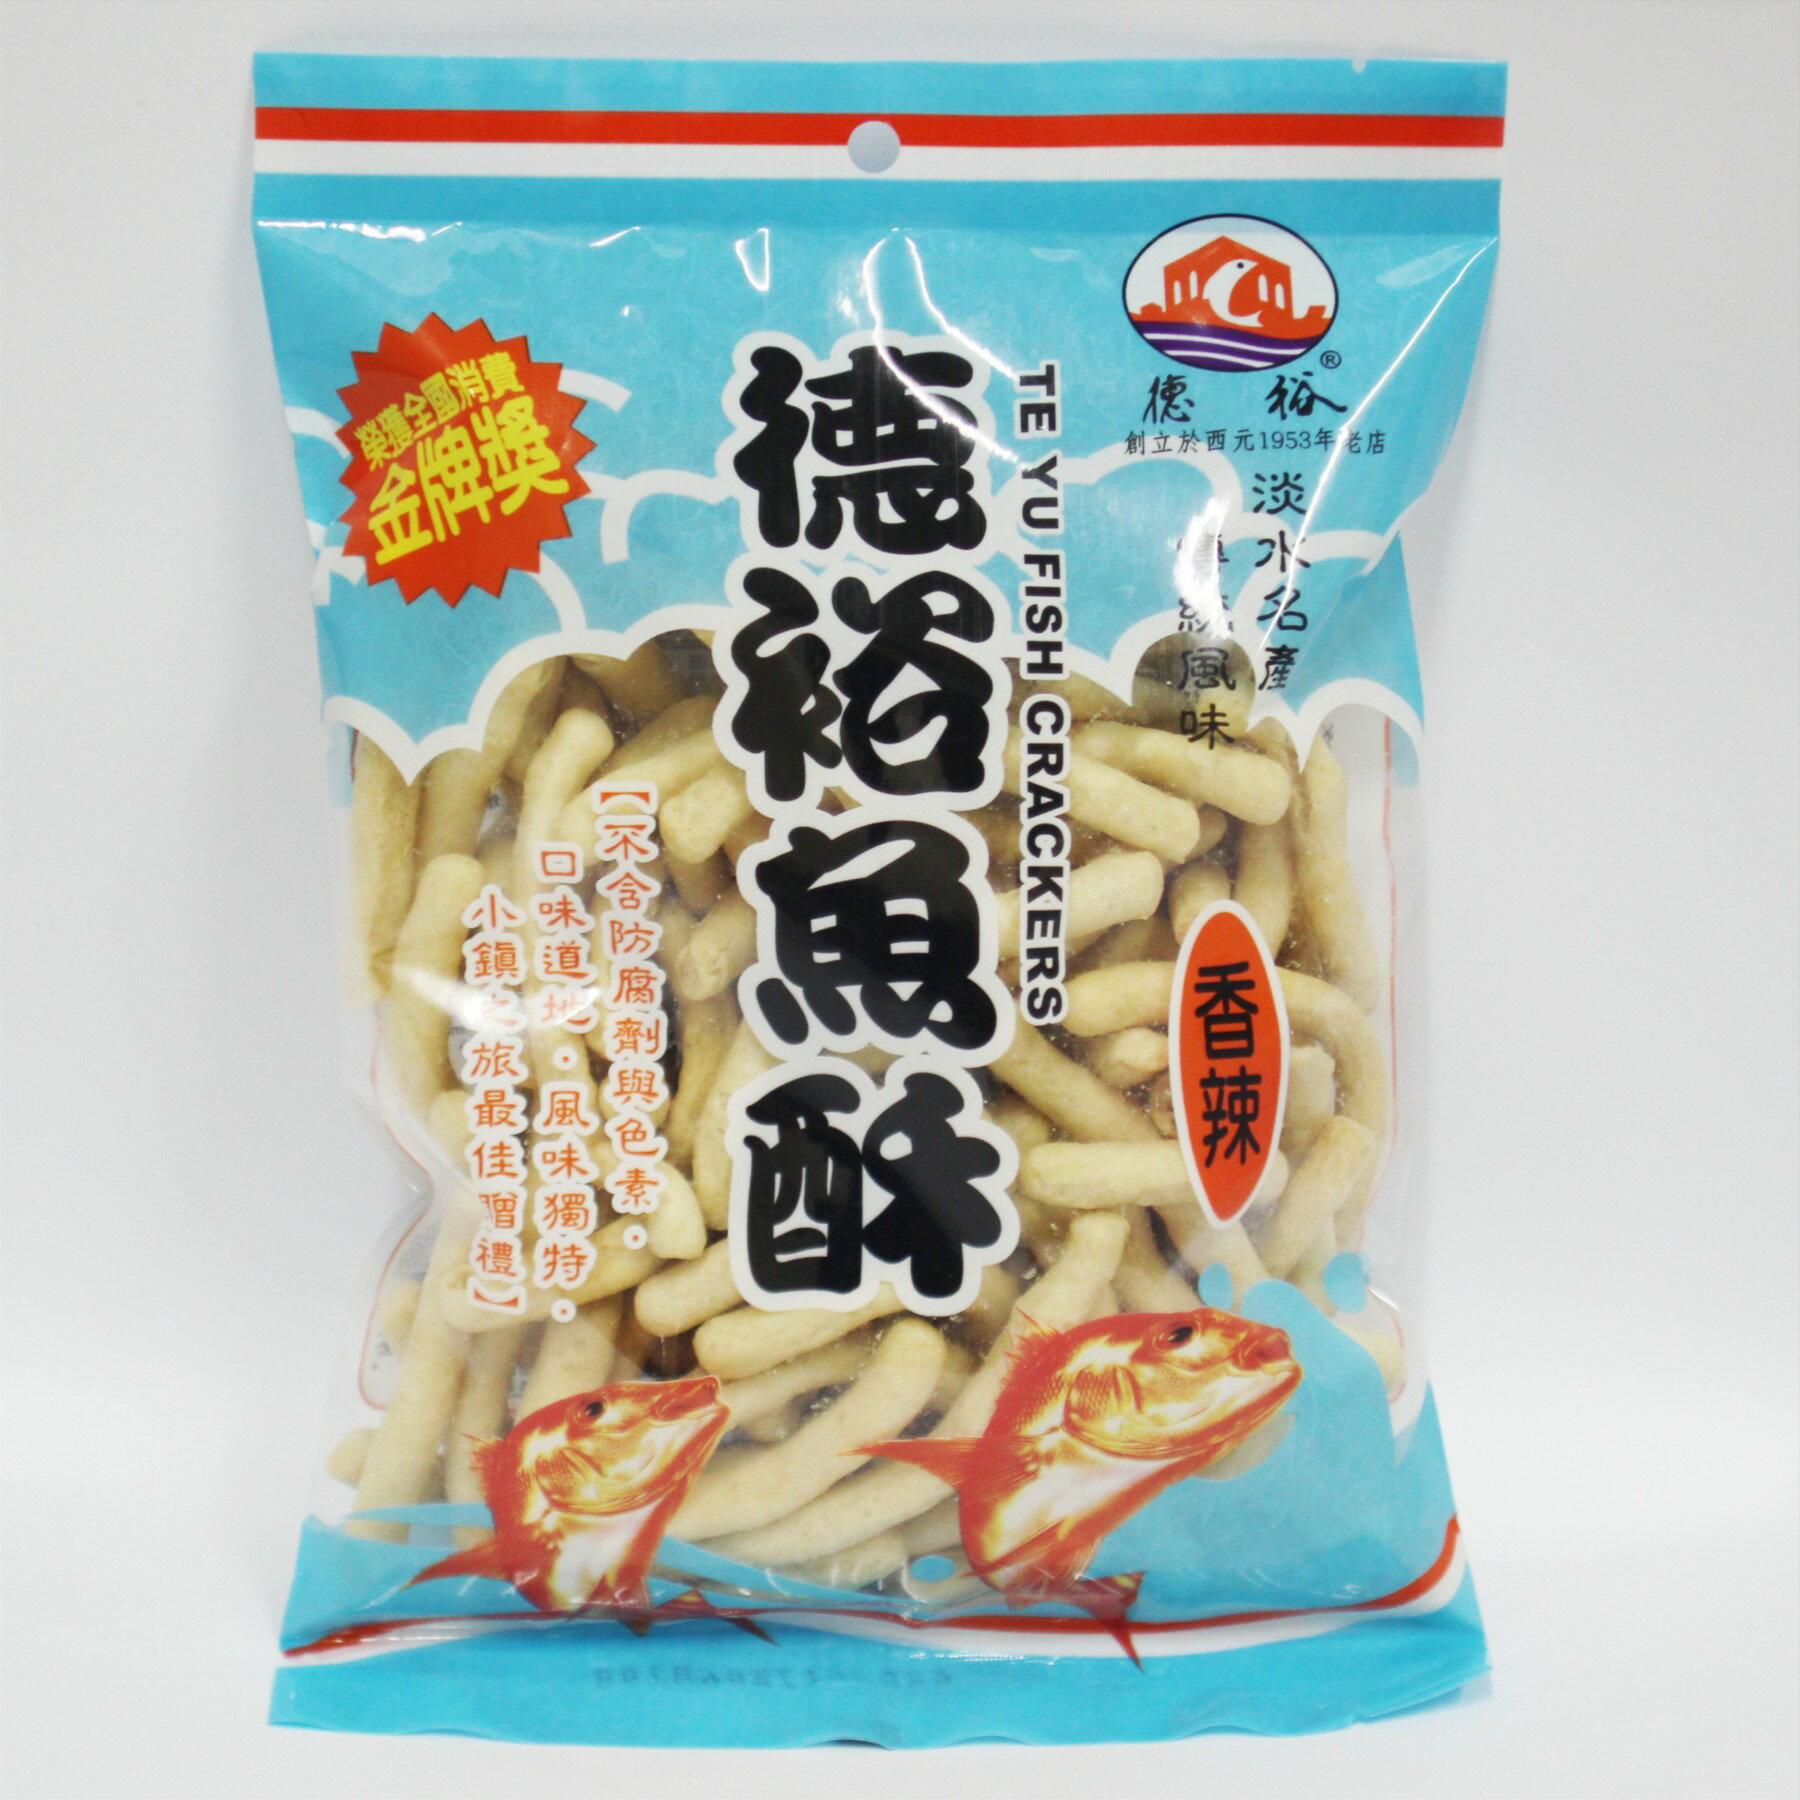 【KTmiss】德裕魚酥蝦酥